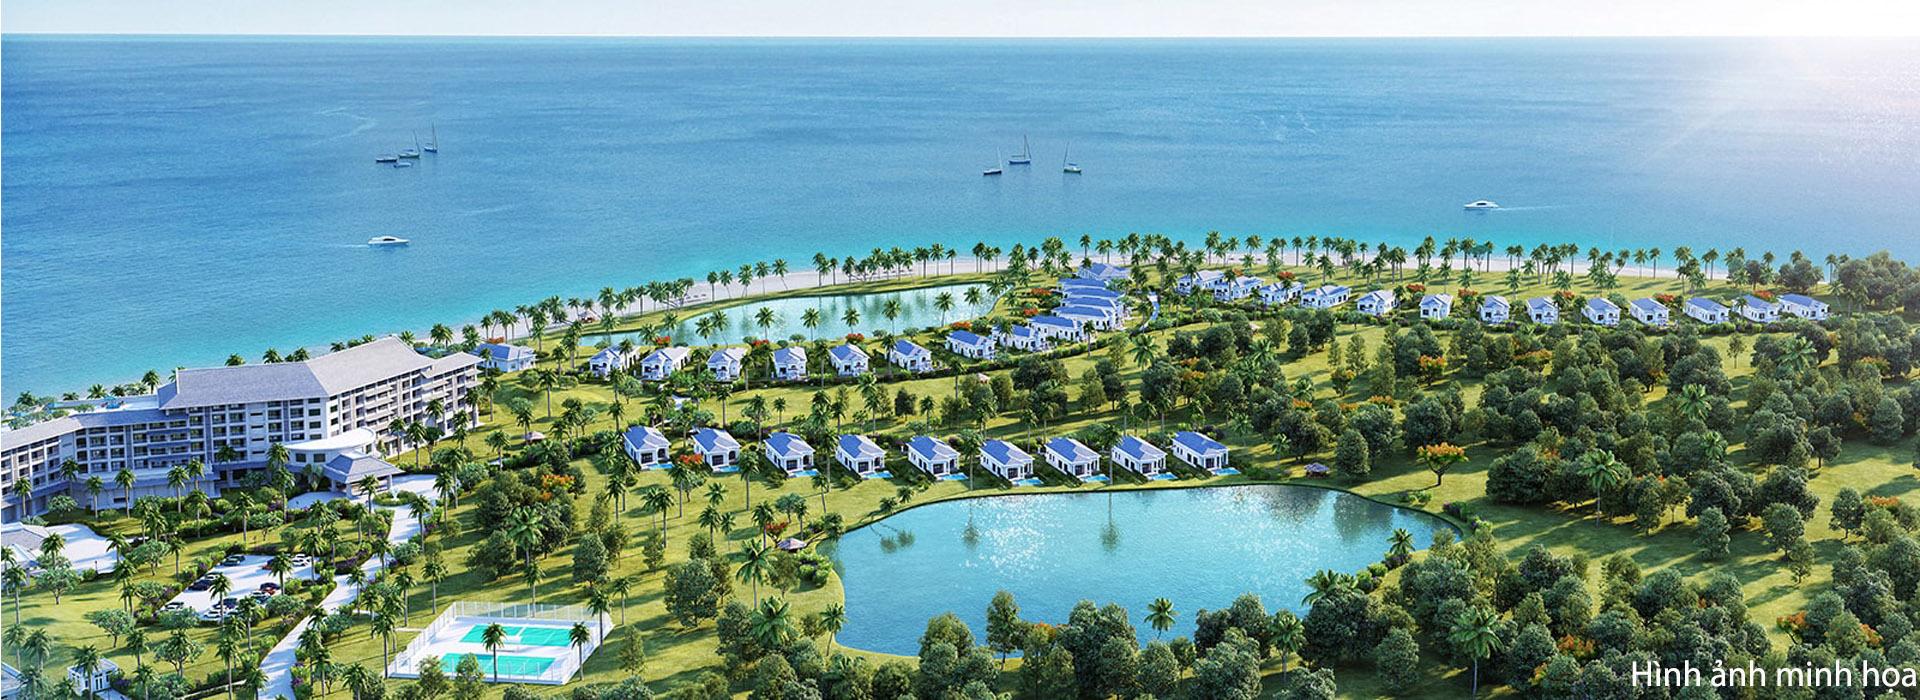 Có nên đầu tư vào shophouse và mini hotel của siêu dự án nghỉ dưỡng Grand World Phú Quốc? - 1